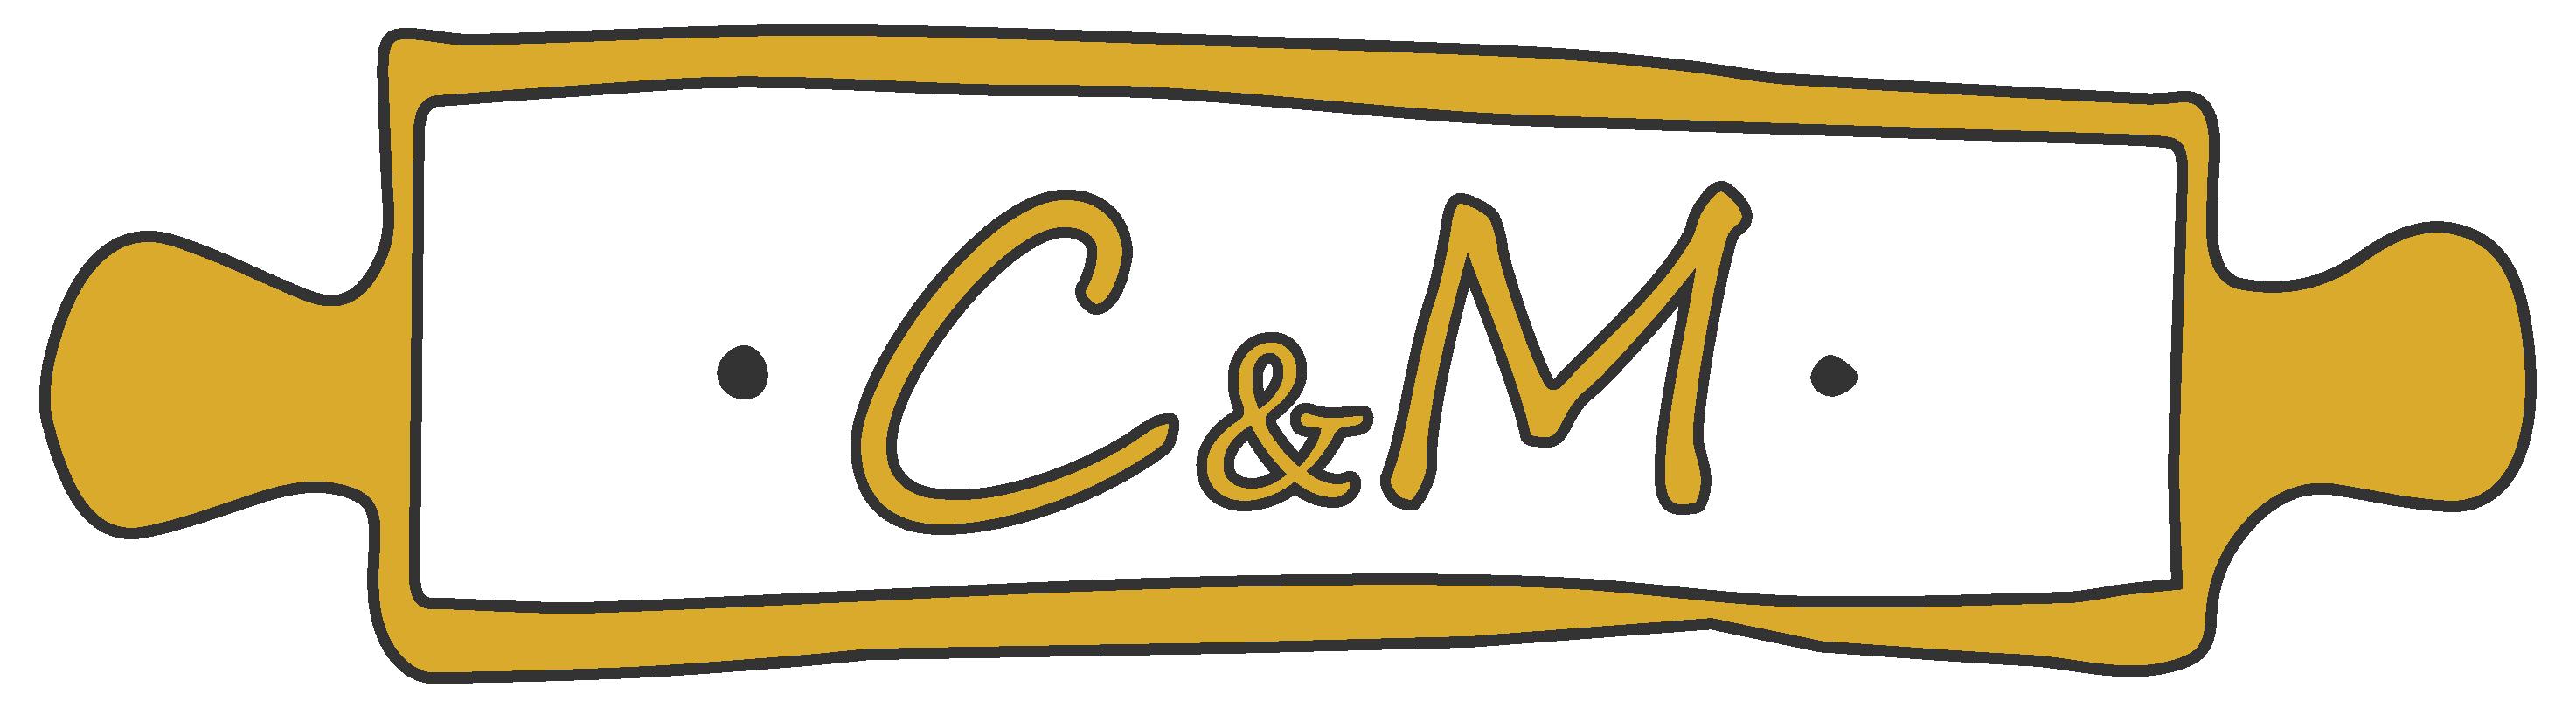 С&М Млечен Ресторан